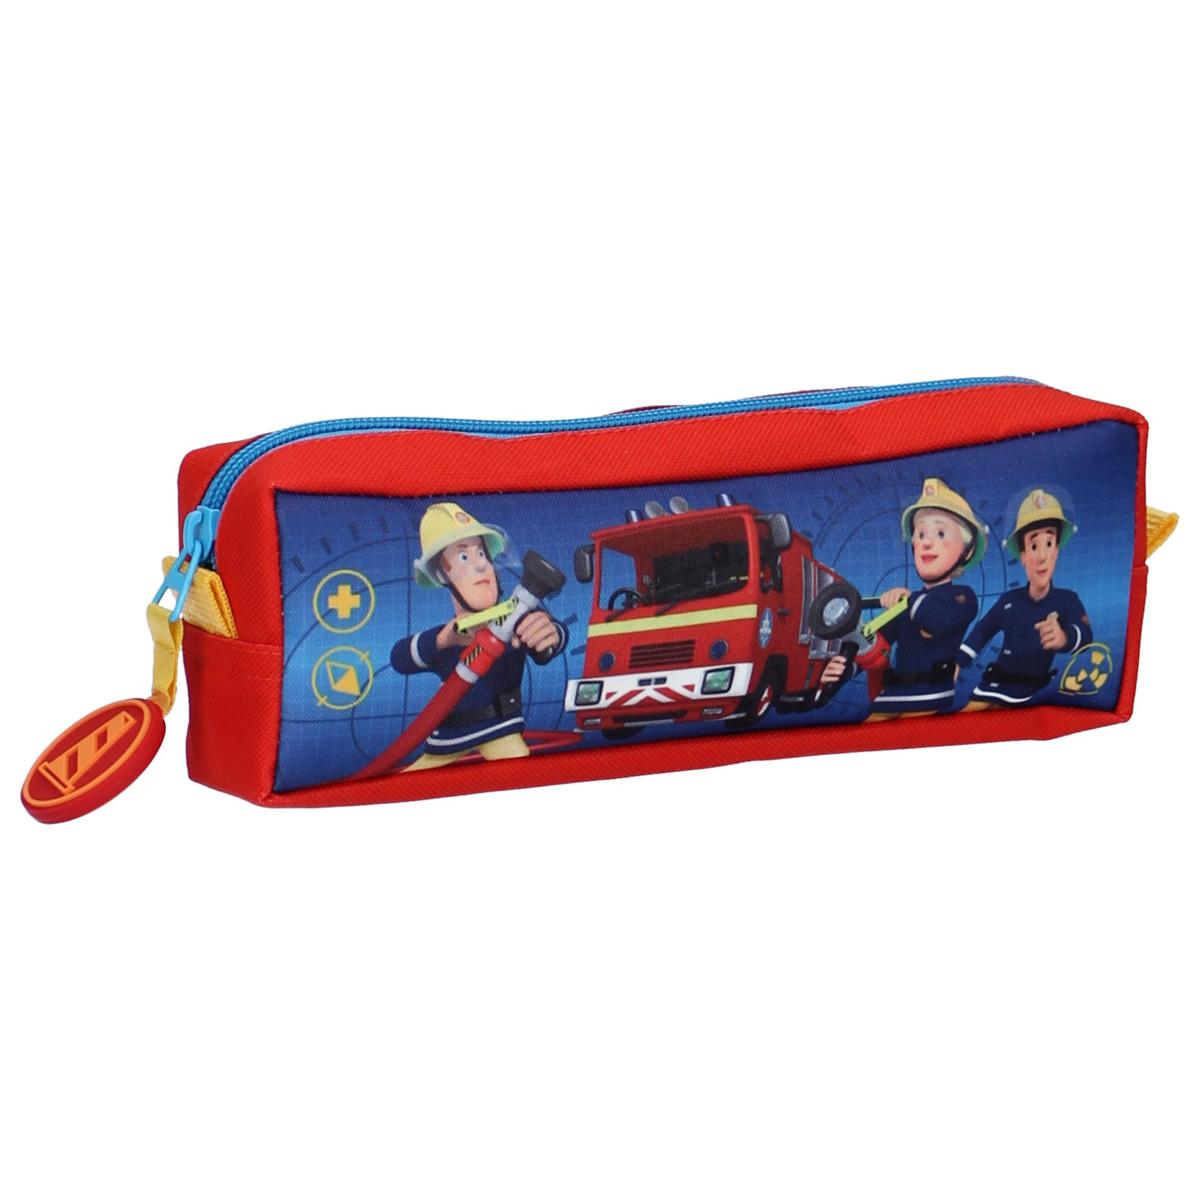 Trousse rectangle \'Sam le pompier\' bleu rouge - 22x7x5 cm - [A0095]